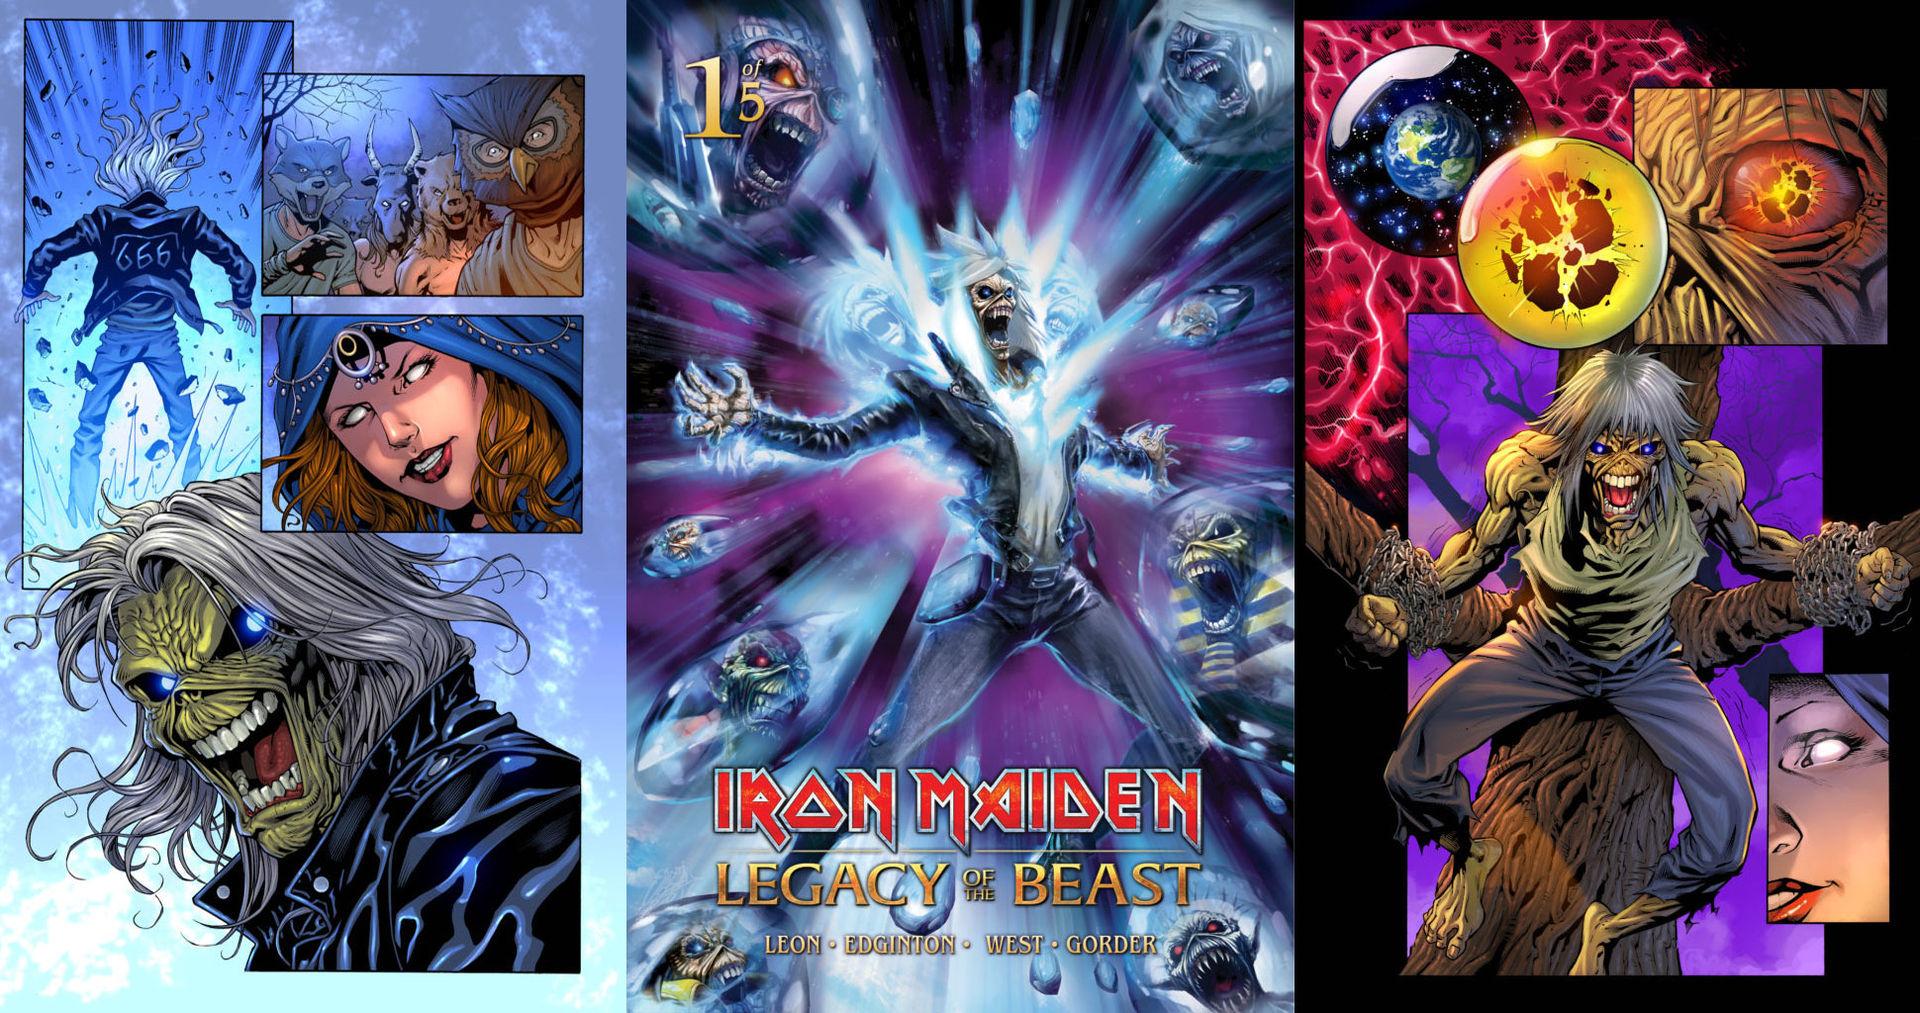 Eddie från Iron Maiden blir serie i tidning